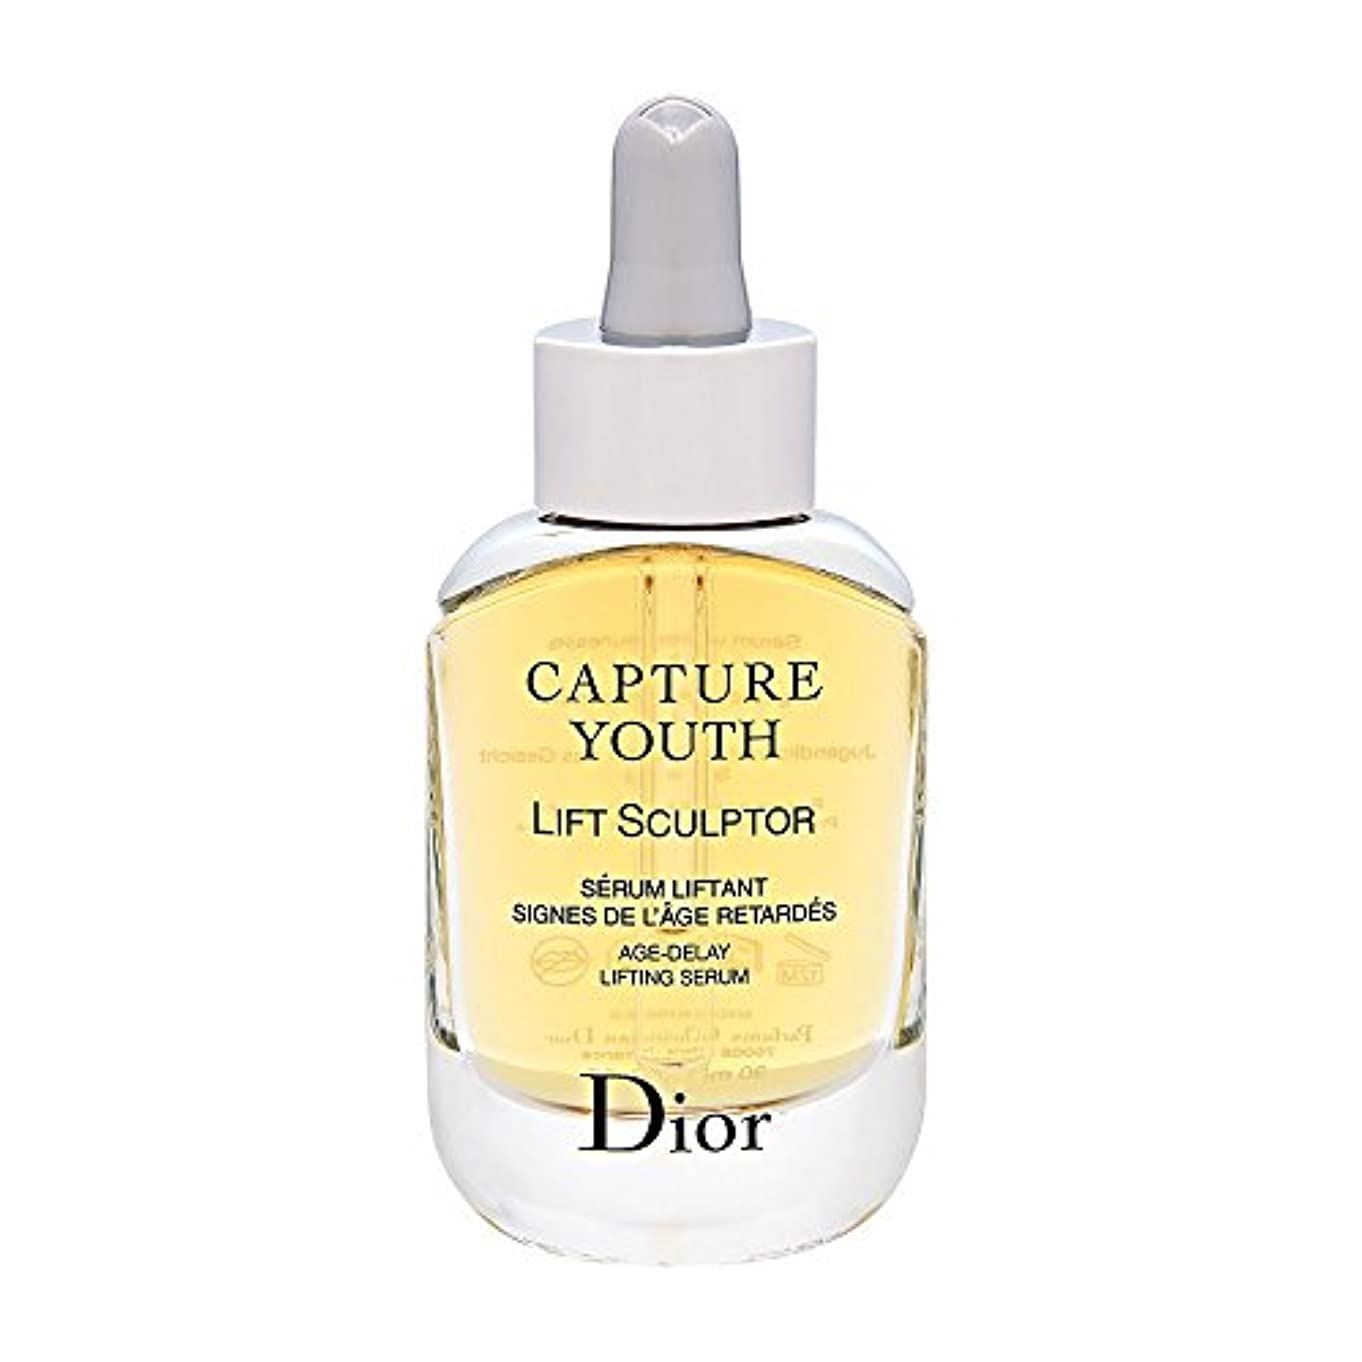 リットル野な軽蔑クリスチャンディオール Christian Dior カプチュール ユース L スカルプター 30mL [並行輸入品]